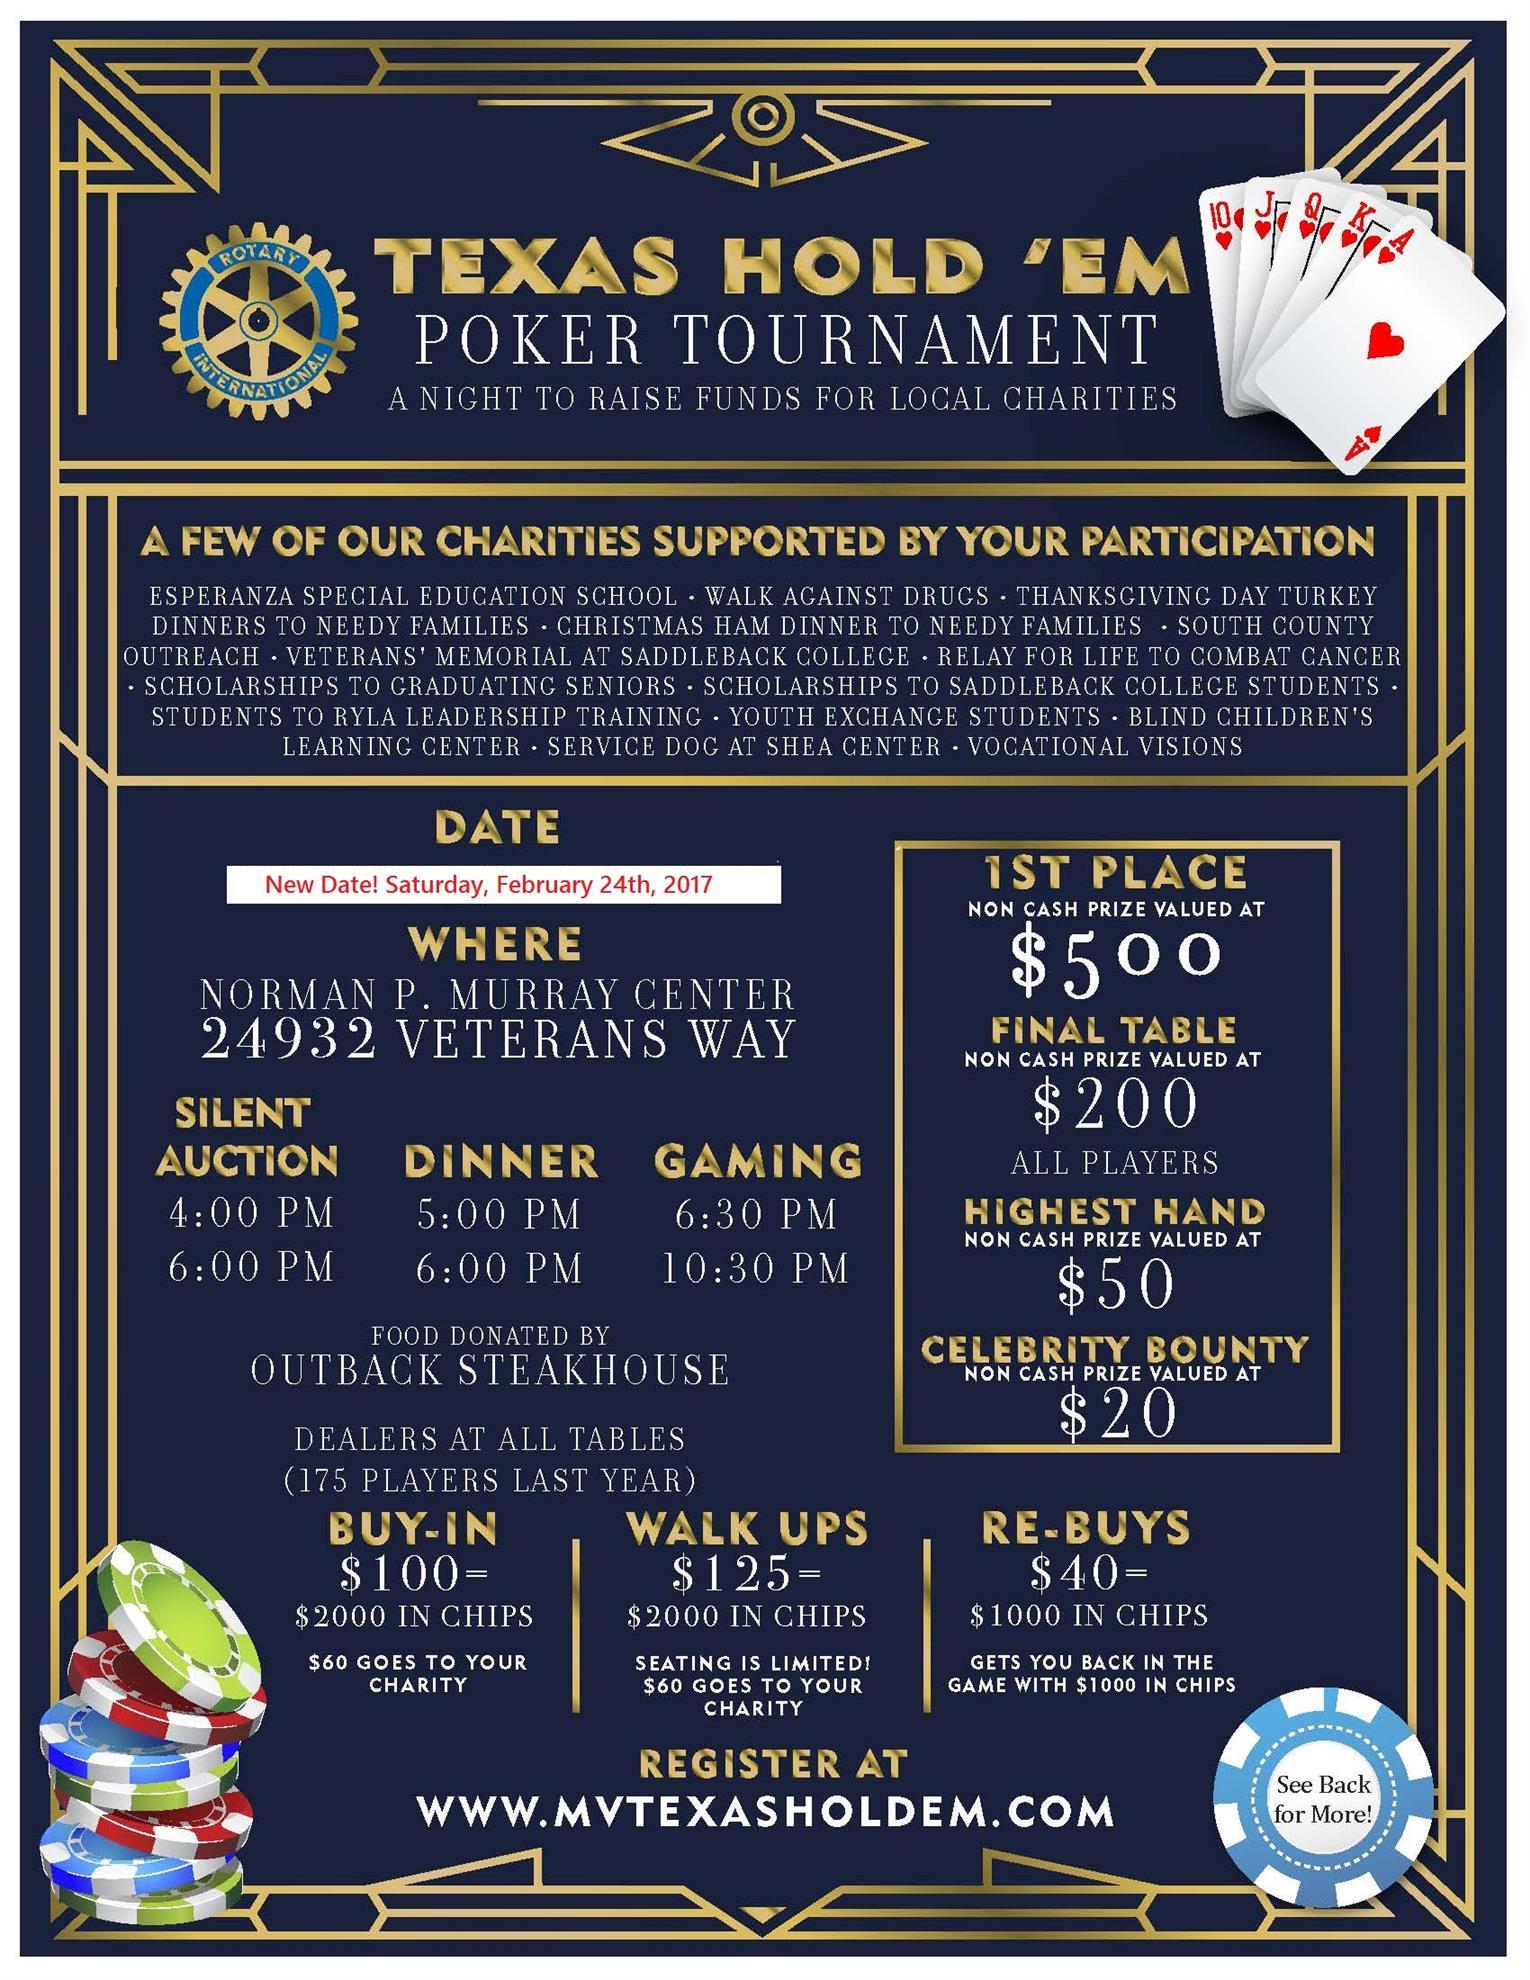 Texas Hold 'Em | Rotary Club of Mission Viejo